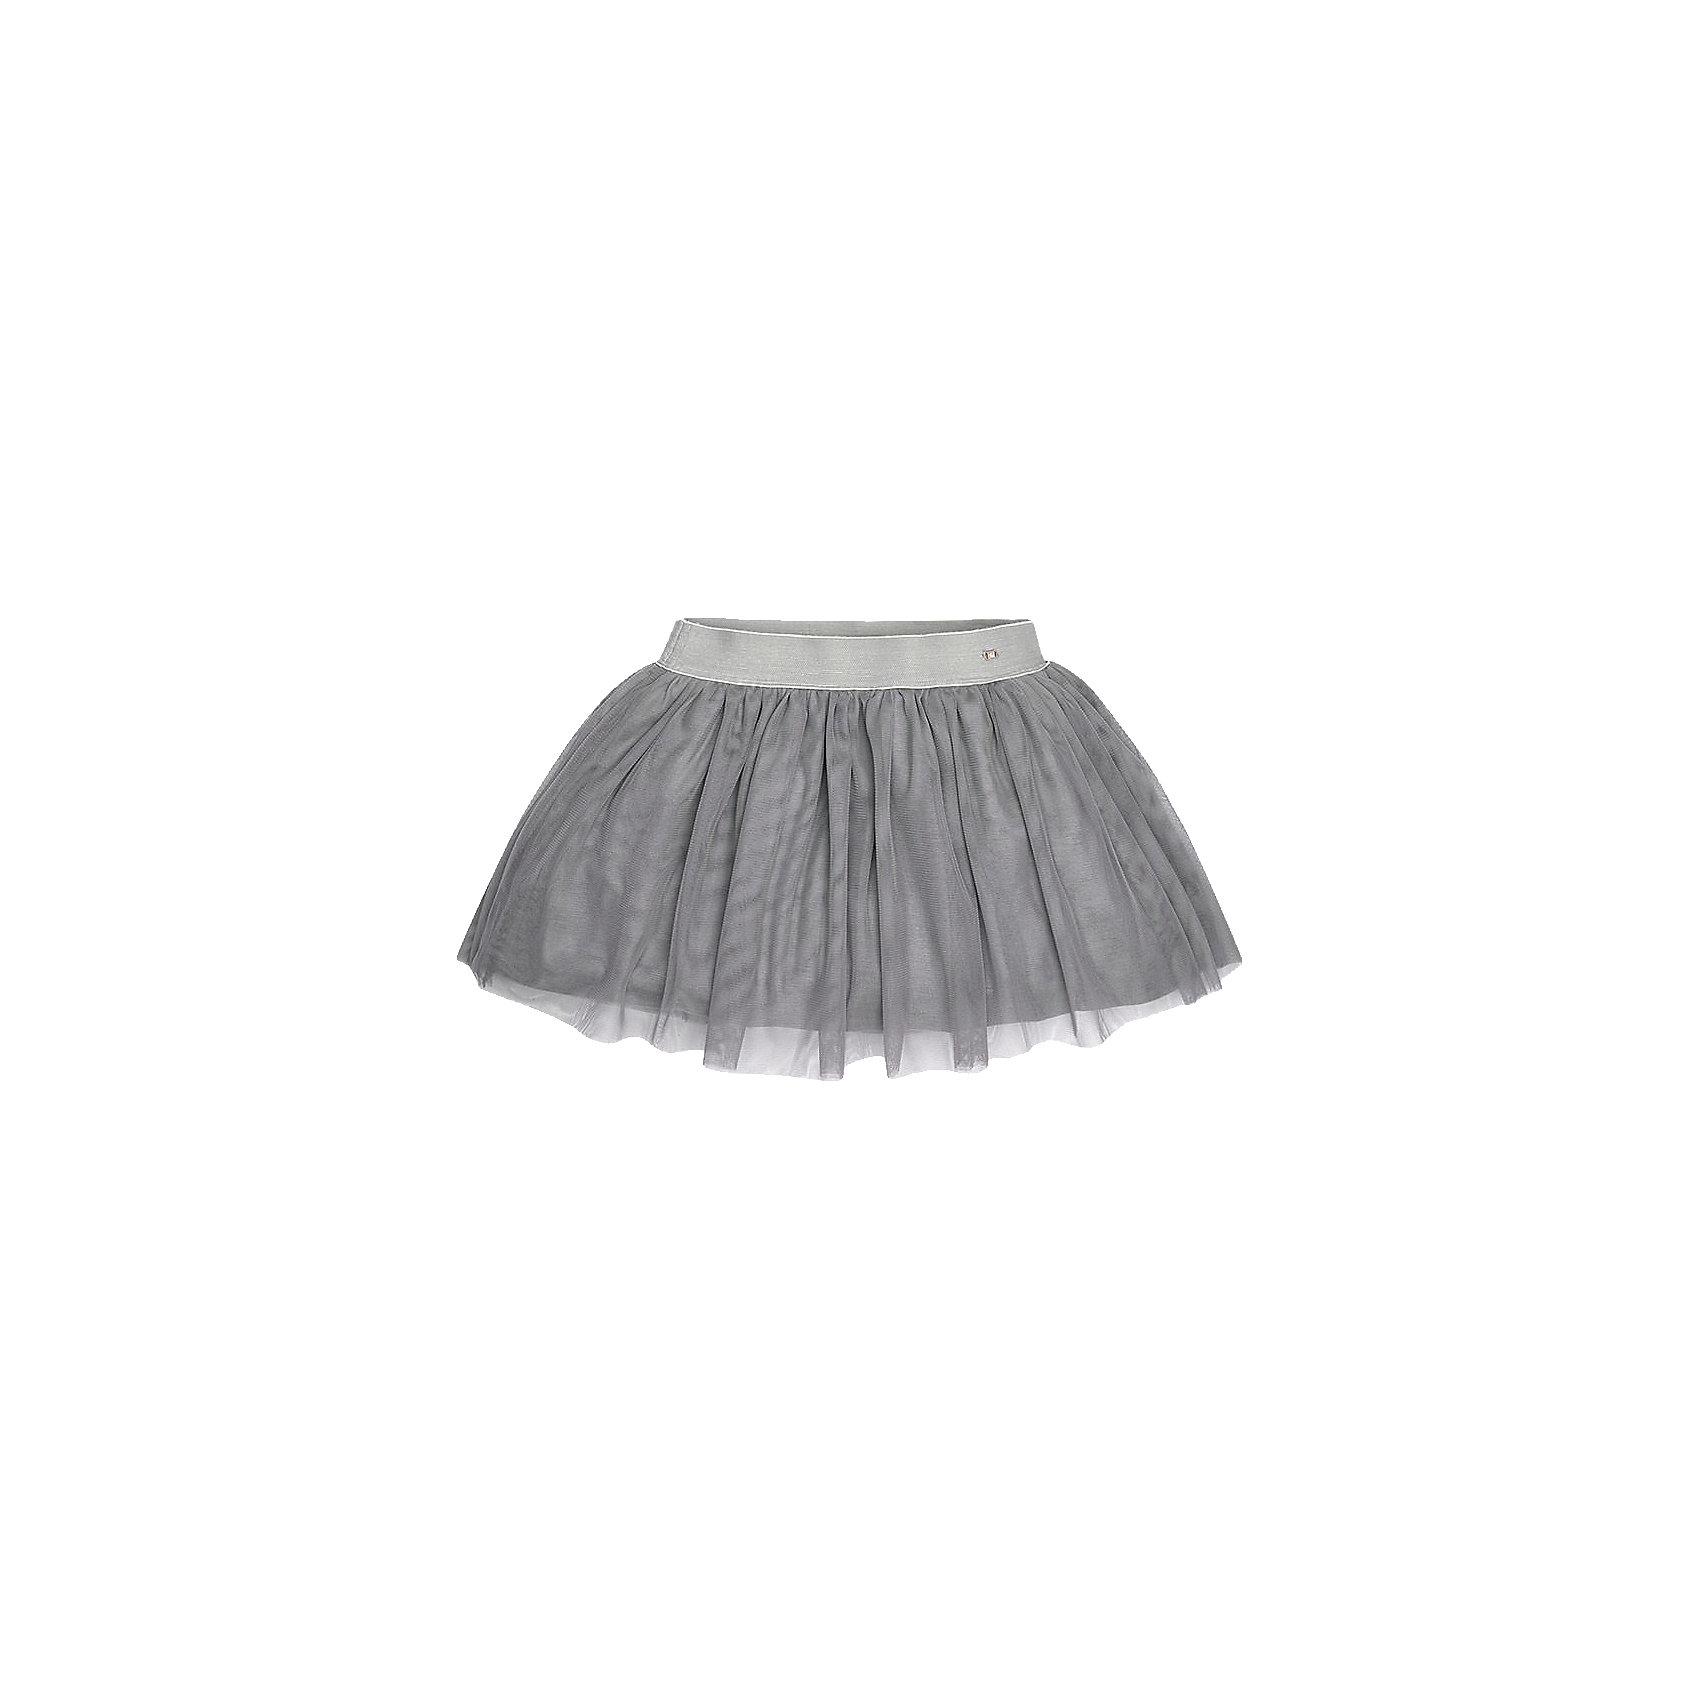 Юбка для девочки MayoralЮбка для девочки Mayoral (Майорал) от известного испанского бренда Mayoral. Расклешенная юбка выполнена из нежного тюля. Подклад юбки выполнен из джерси. Юбка имеет среднюю посадку, хорошо держит форму, эластичный пояс из широкой резинки серого цвета. Пытная юбка имеет стильный вид, благодаря этому ее можно использовать как праздничный вариант одежды.  <br><br>Дополнительная информация:<br><br>- Предназначение: праздничная одежда<br>- Цвет: серый<br>- Пол: для девочки<br>- Состав: верх юбки – 100% полиэстер; подклад – 67% вискоза, 29% полиамид, 4% эластан<br>- Сезон: весна-лето<br>- Особенности ухода: стирка при температуре 30 градусов, химчистка, глажка<br><br>Подробнее:<br><br>• Для детей в возрасте: от 8 лет и до 16 лет<br>• Страна производитель: Китай<br>• Торговый бренд: Mayoral<br><br>Юбку для девочки Mayoral (Майорал) можно купить в нашем интернет-магазине.<br><br>Ширина мм: 207<br>Глубина мм: 10<br>Высота мм: 189<br>Вес г: 183<br>Цвет: серый<br>Возраст от месяцев: 96<br>Возраст до месяцев: 108<br>Пол: Женский<br>Возраст: Детский<br>Размер: 146/152,128/134,164/170,158/164,152/158,134/140<br>SKU: 4847500